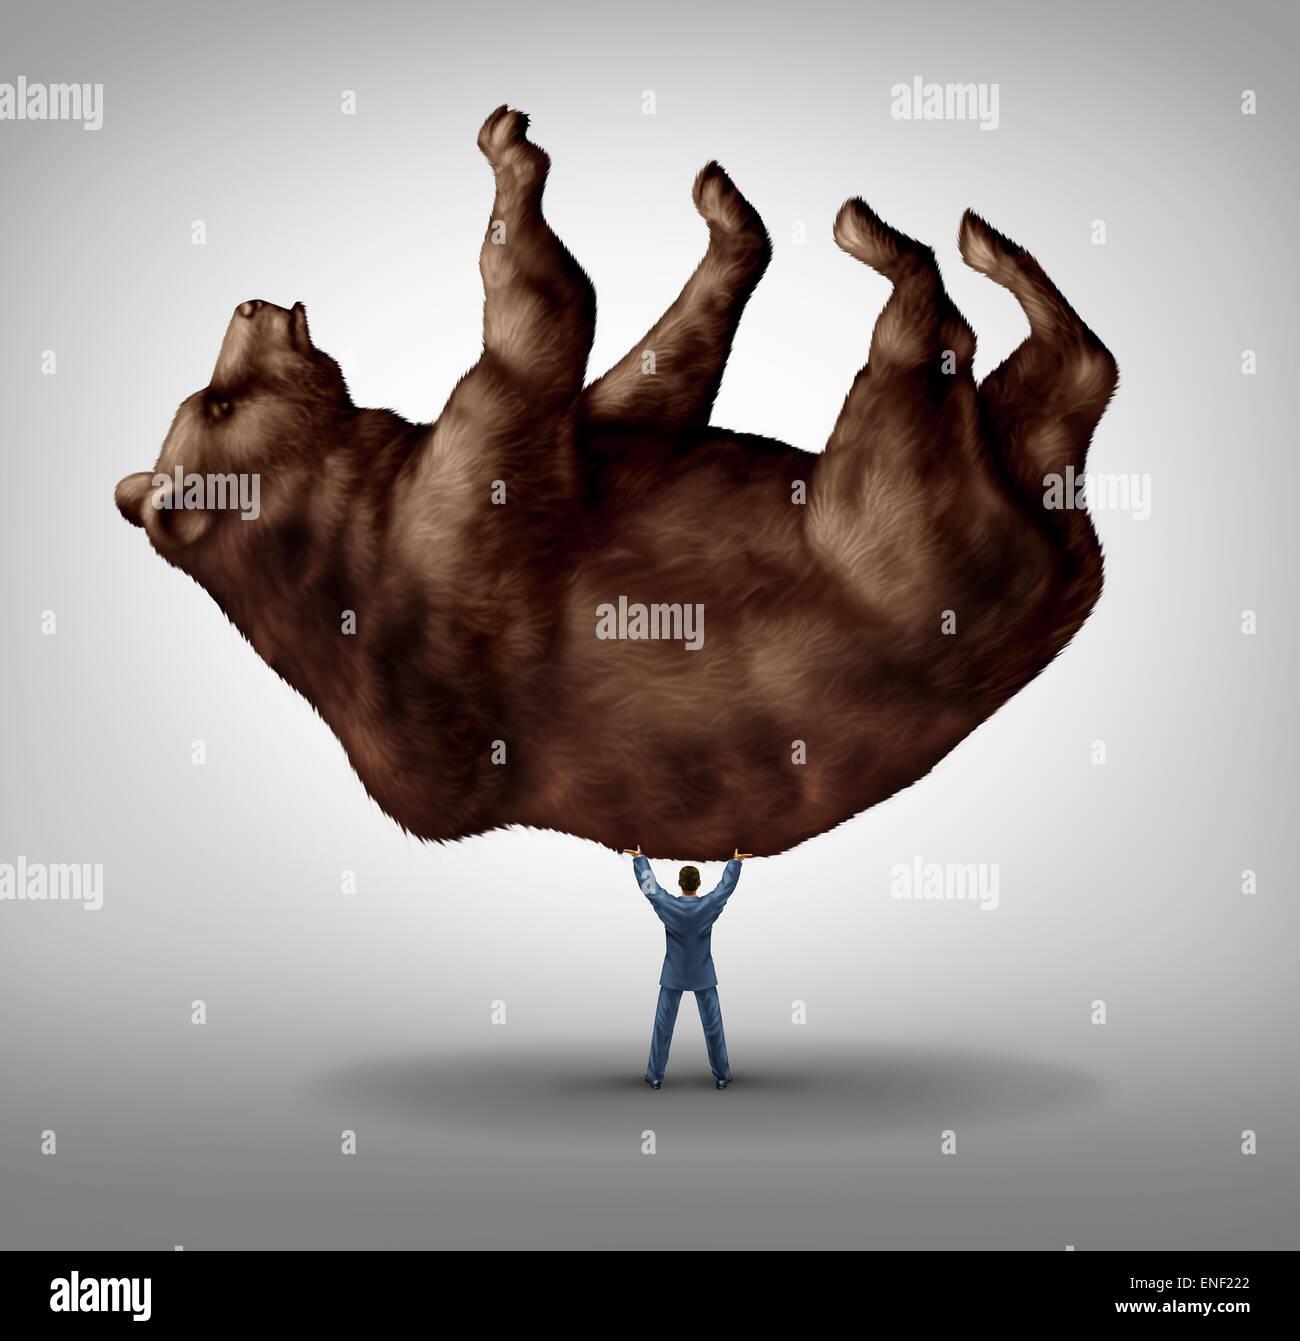 La vendita di azioni e di investire il pessimismo e financial business leadership come una recessione paura nozione Immagini Stock